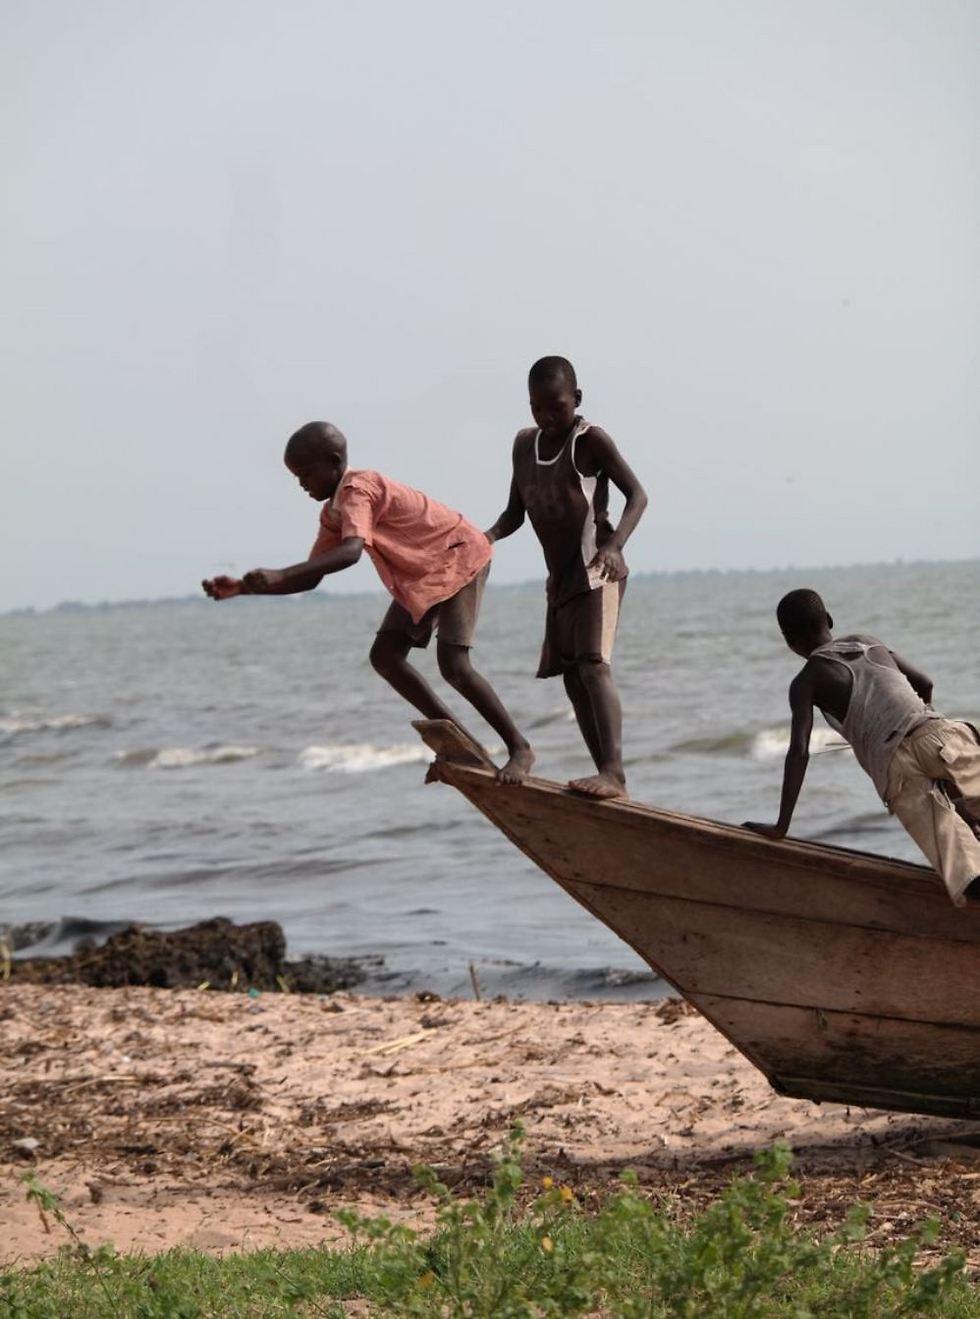 כפרי דייגים (צילום: גליה ברקאי)